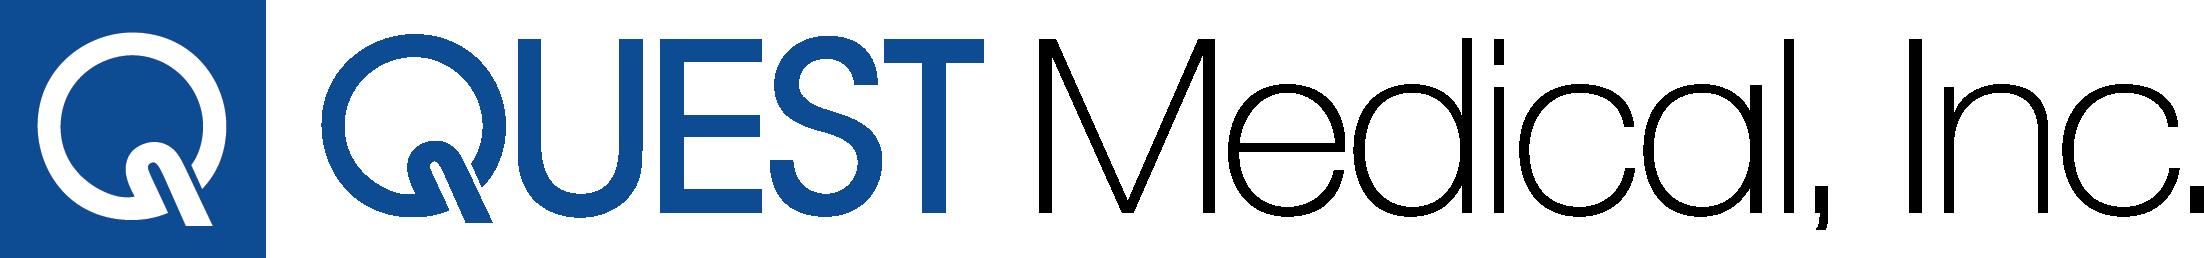 Quest Medical, Inc Company Logo